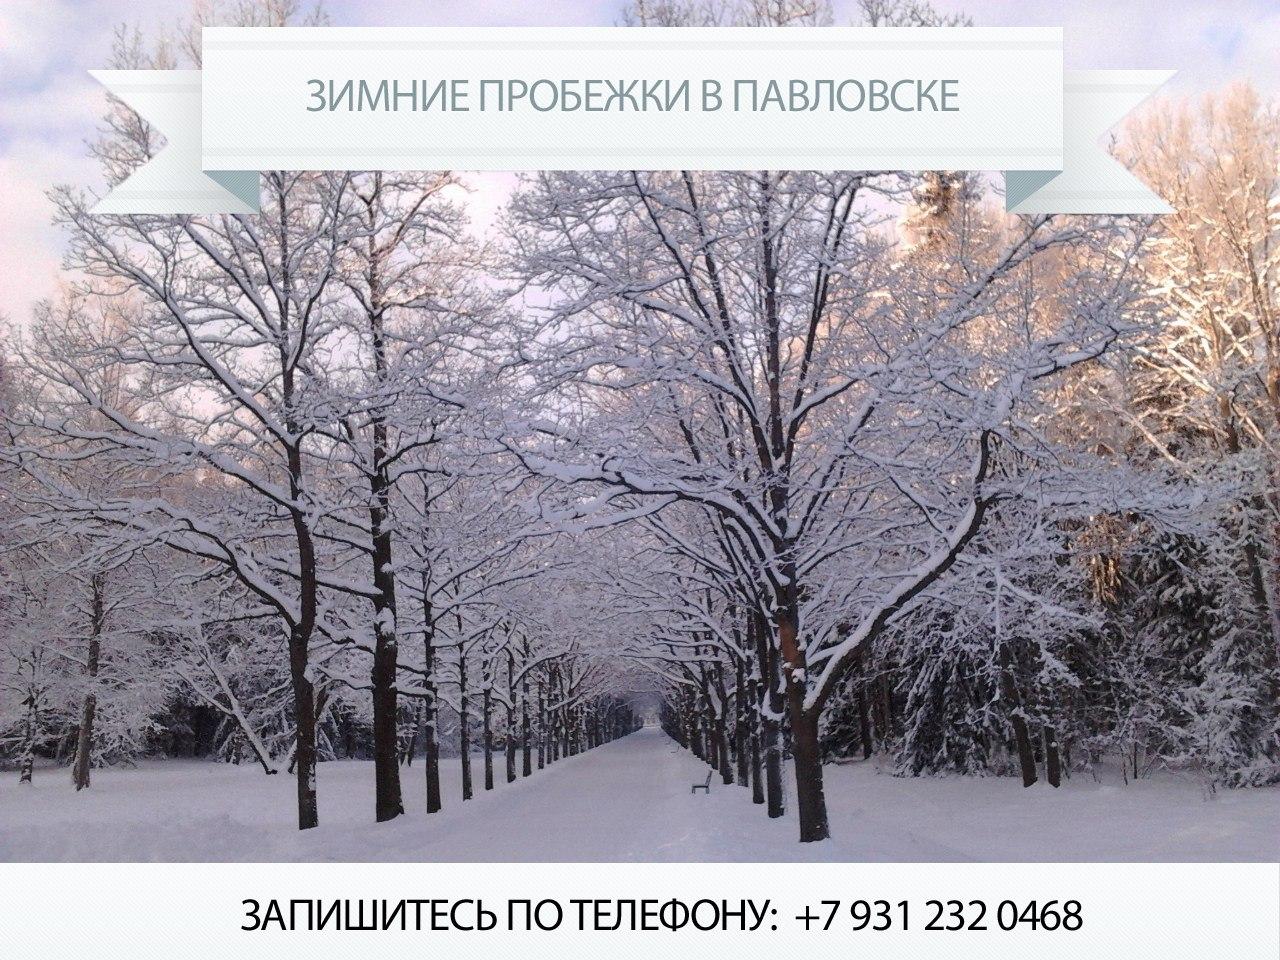 Зимние пробежки в Павловском парке.